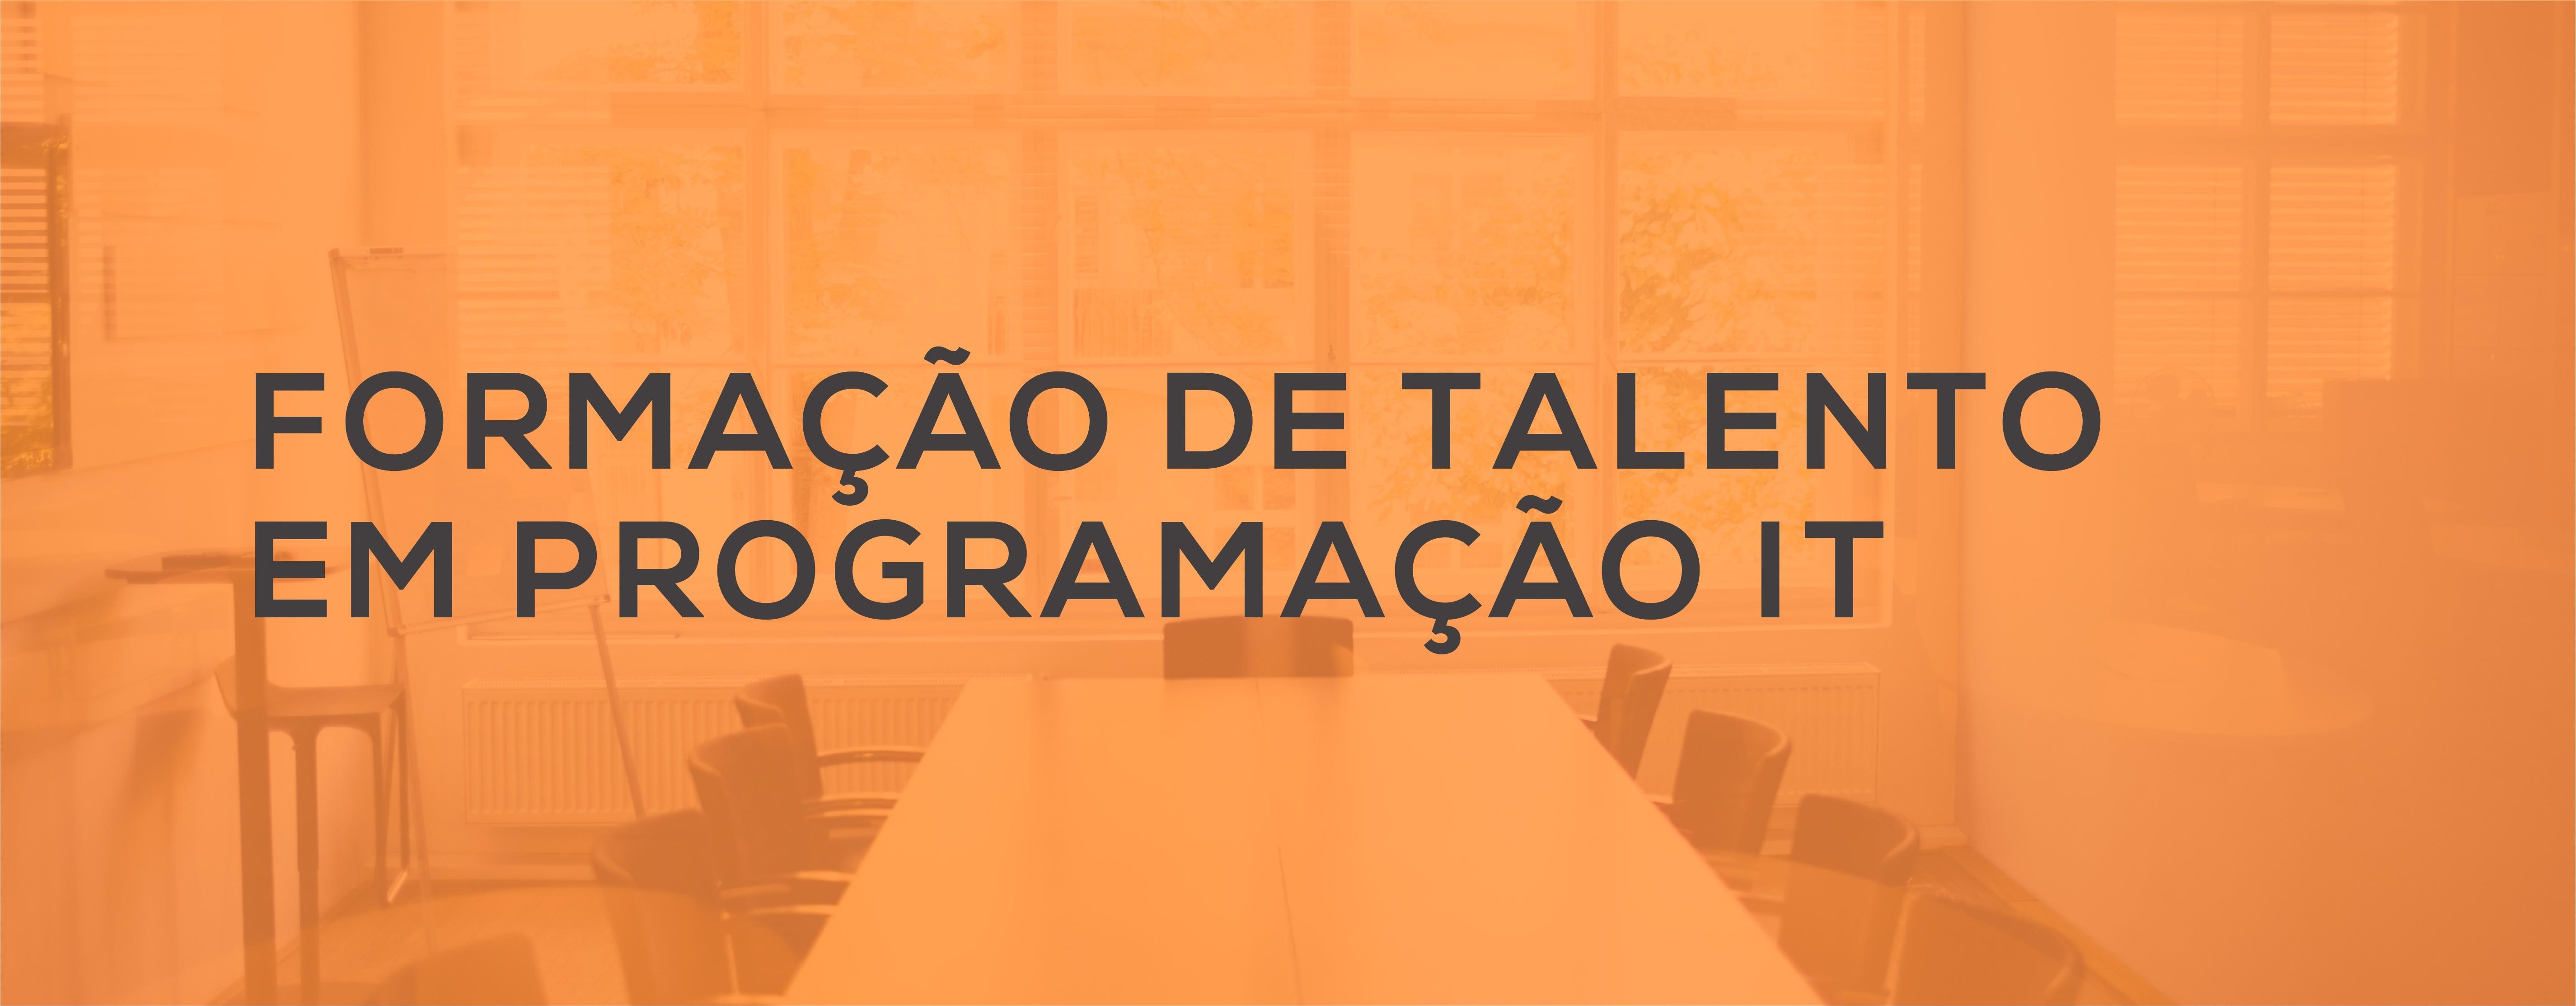 UP Academy - Formação de Talento em Programação